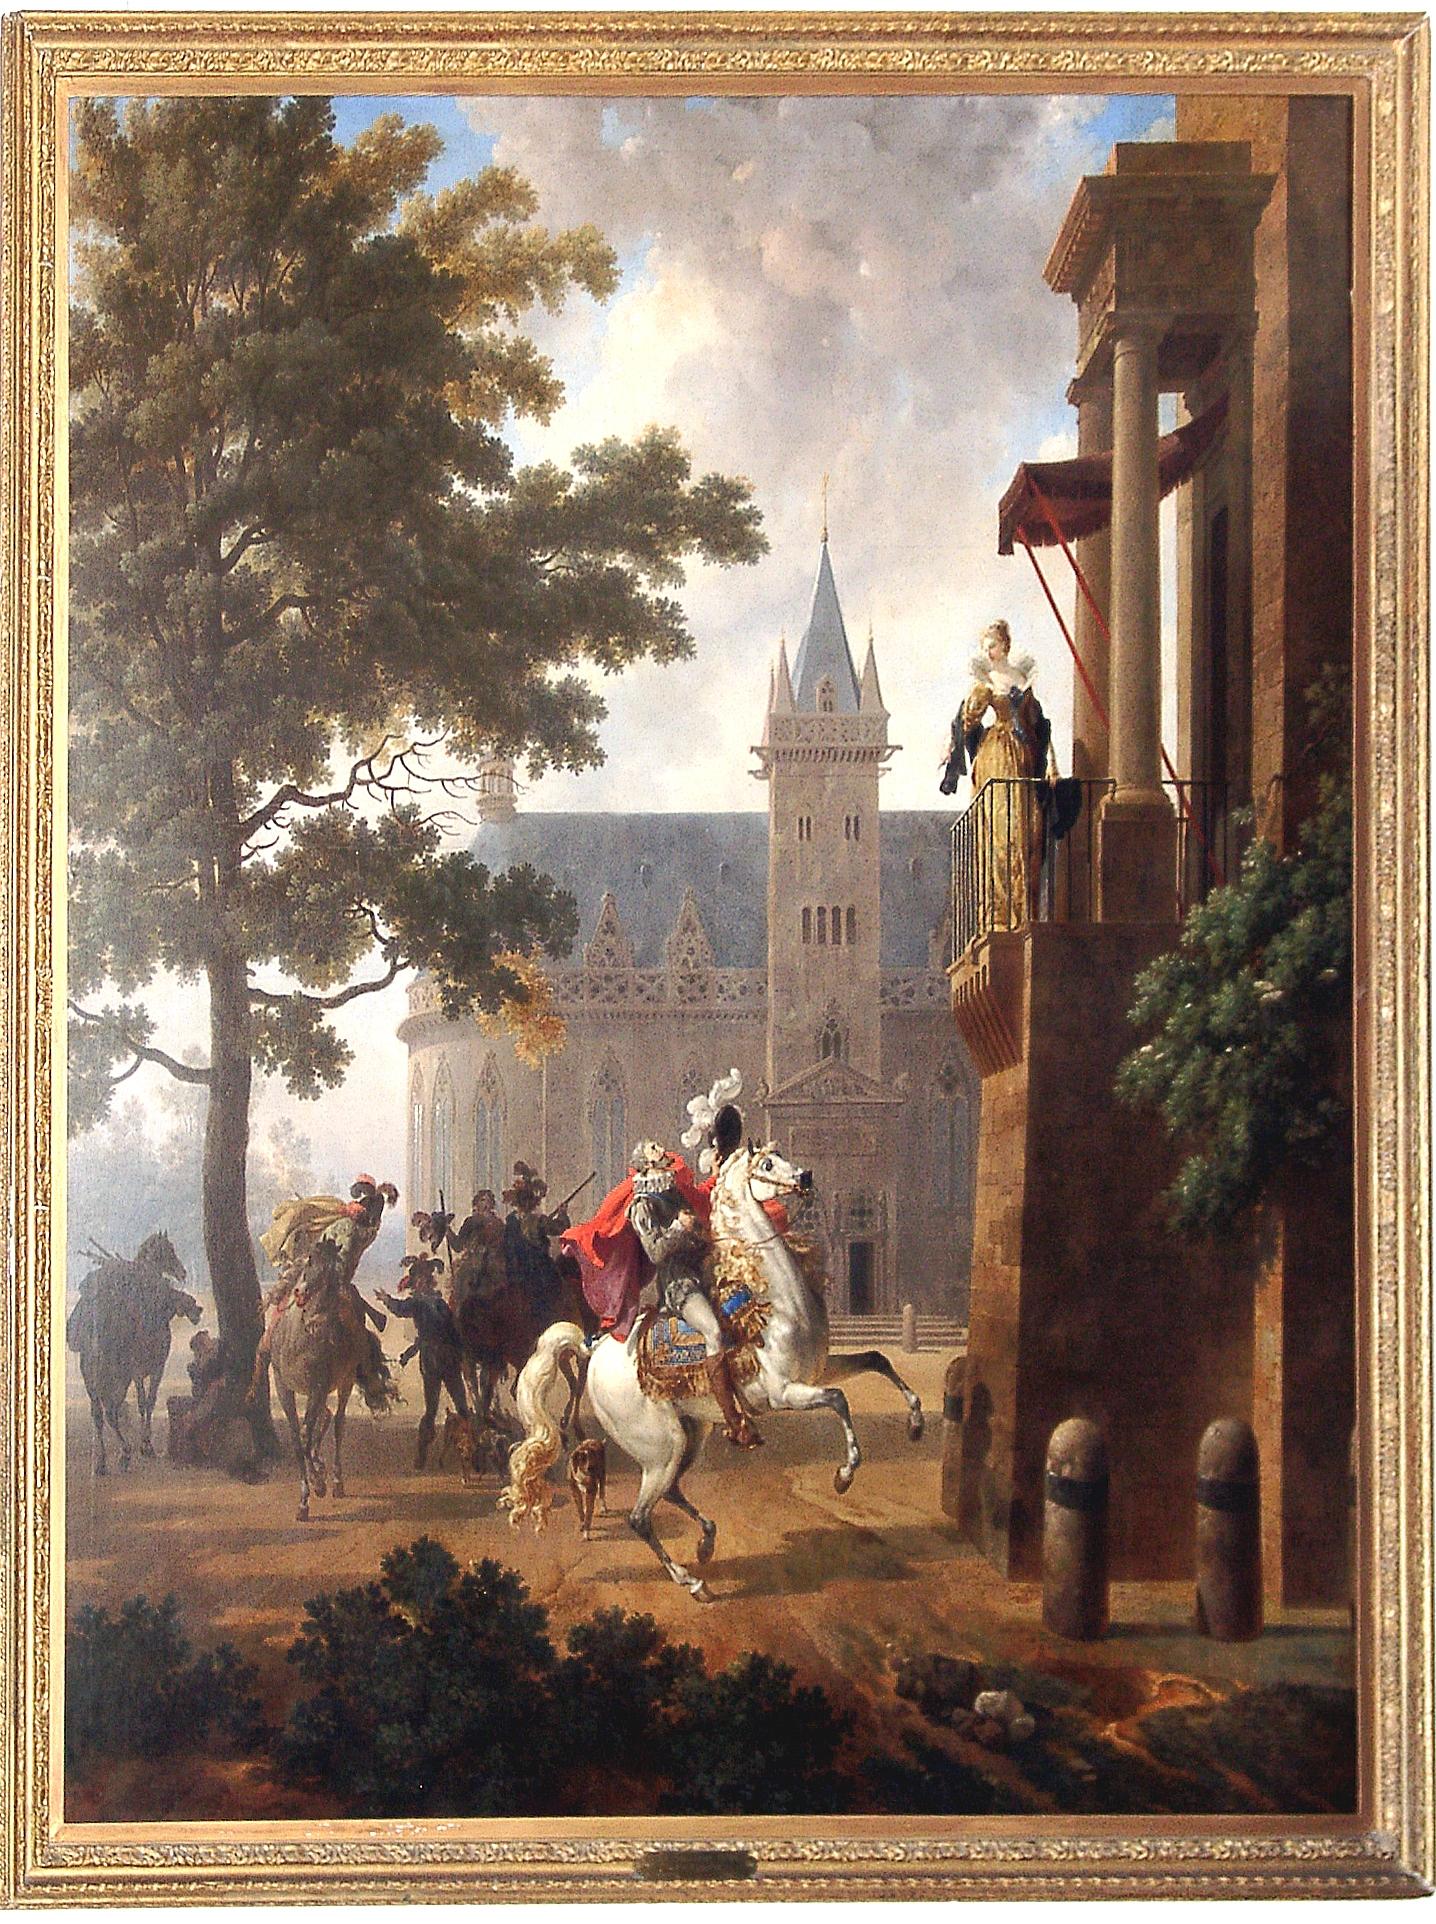 Nicolas-Antoine Taunay, Henri IV caracolant devant une dame à son balcon, huile sur toile, vers 1802